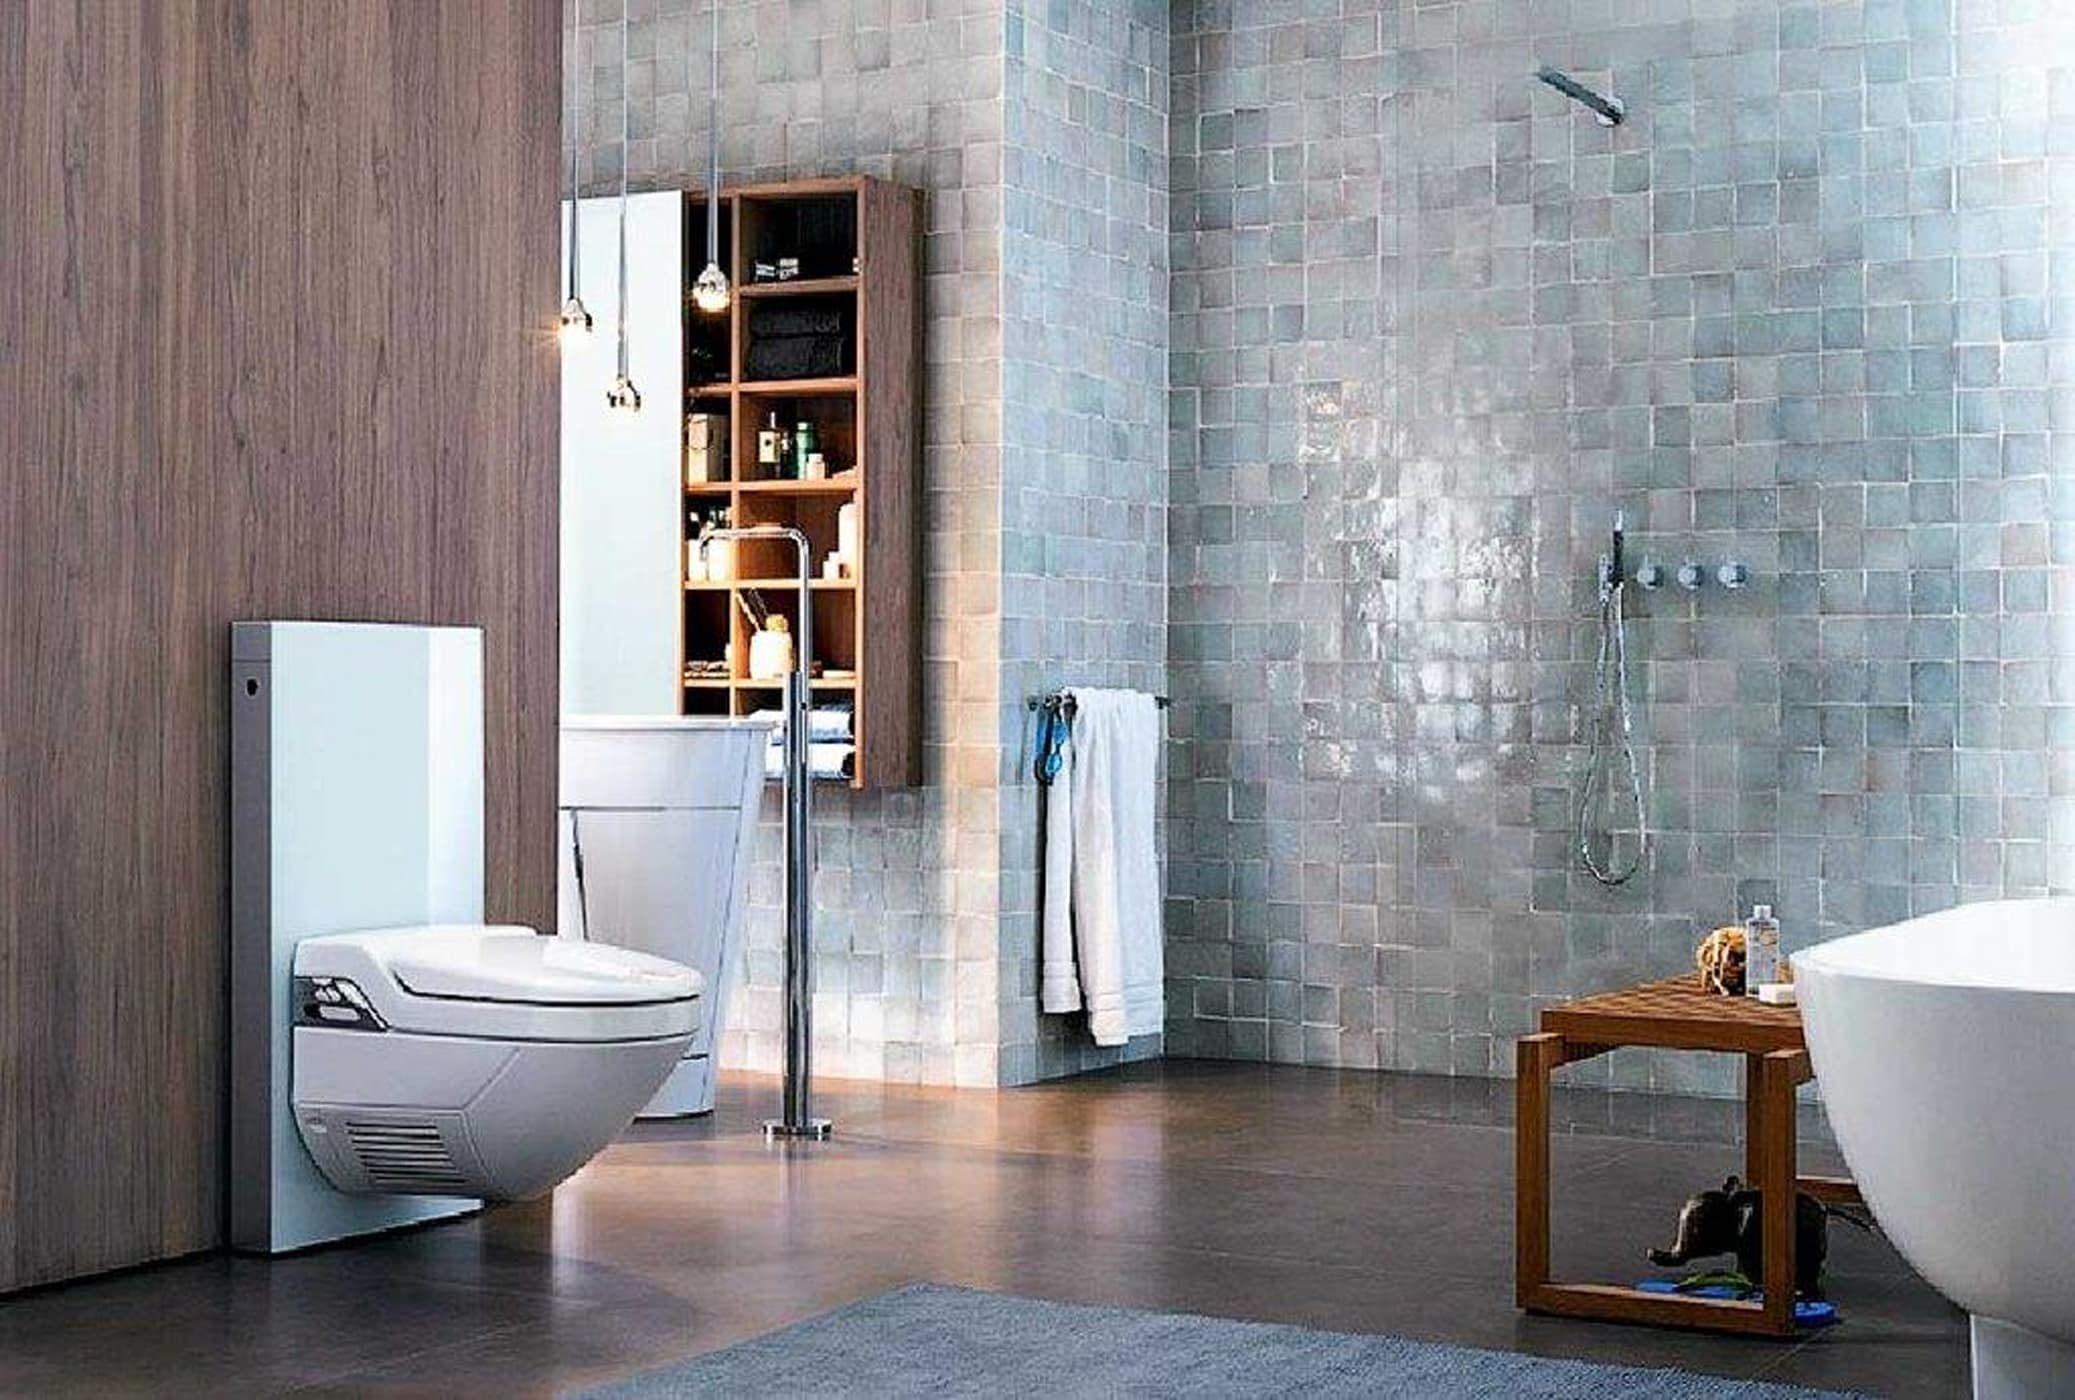 Zellige Fliesen Badezimmer Von Mosaic Del Sur Homify Badezimmer Badezimmerideen Badezimmer Fliesen